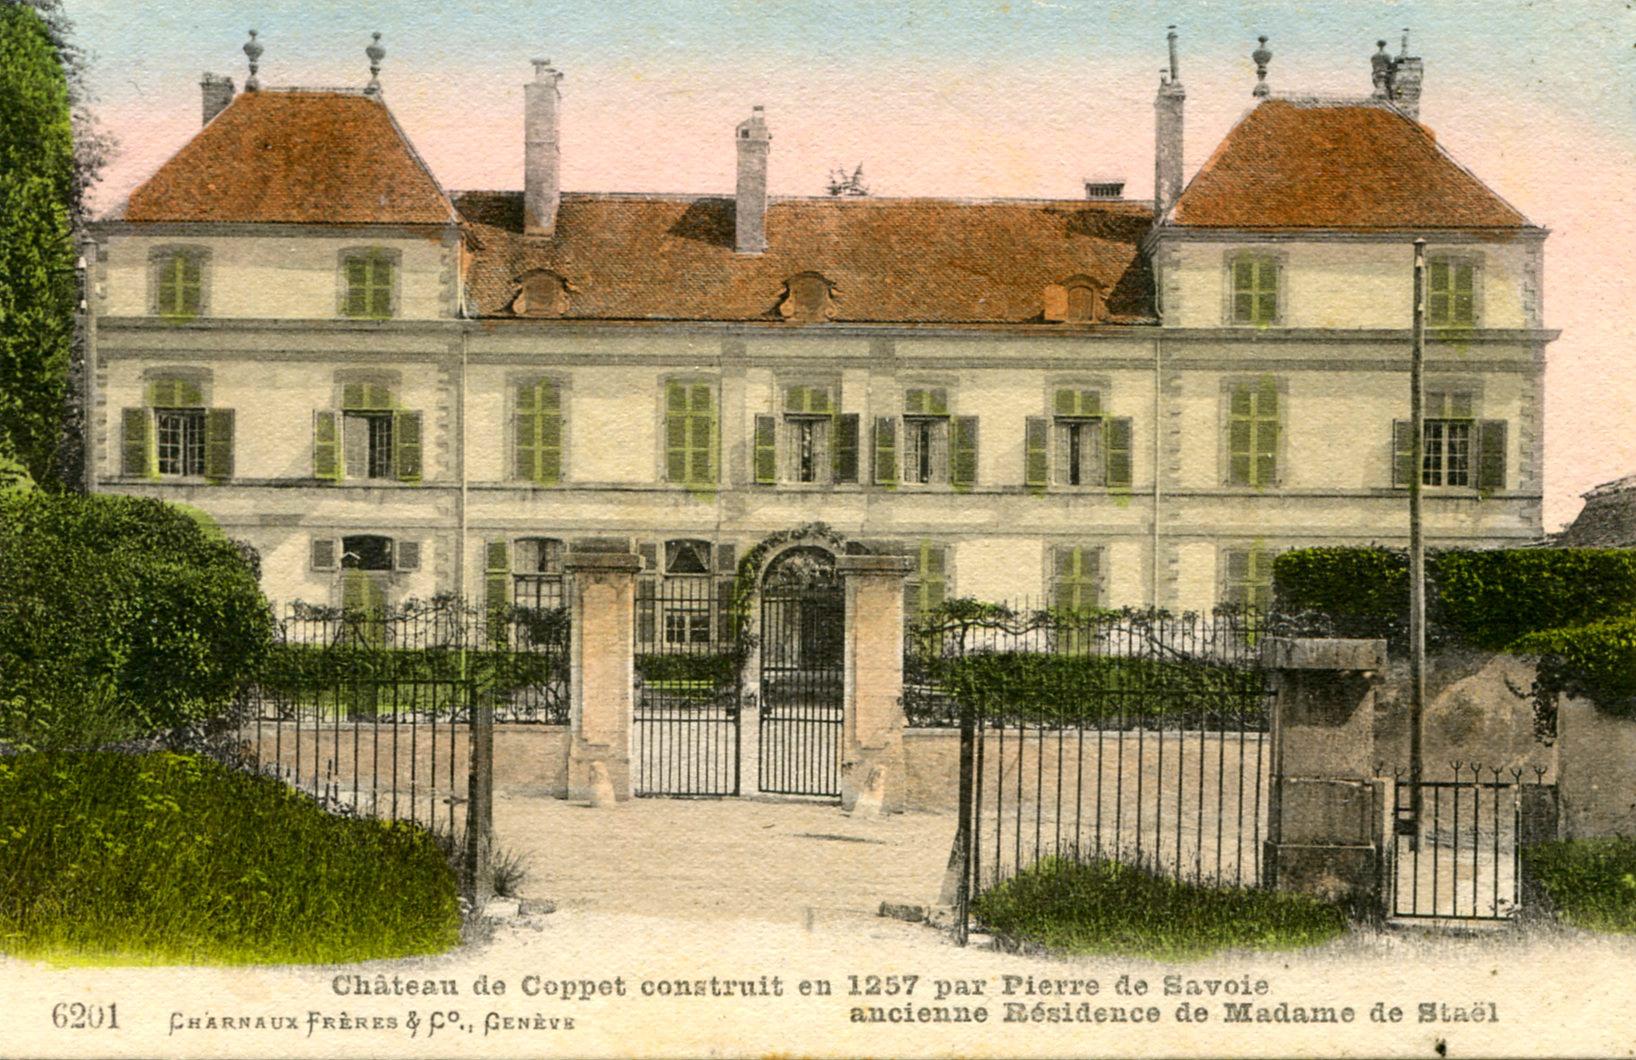 Le Château de Coppet